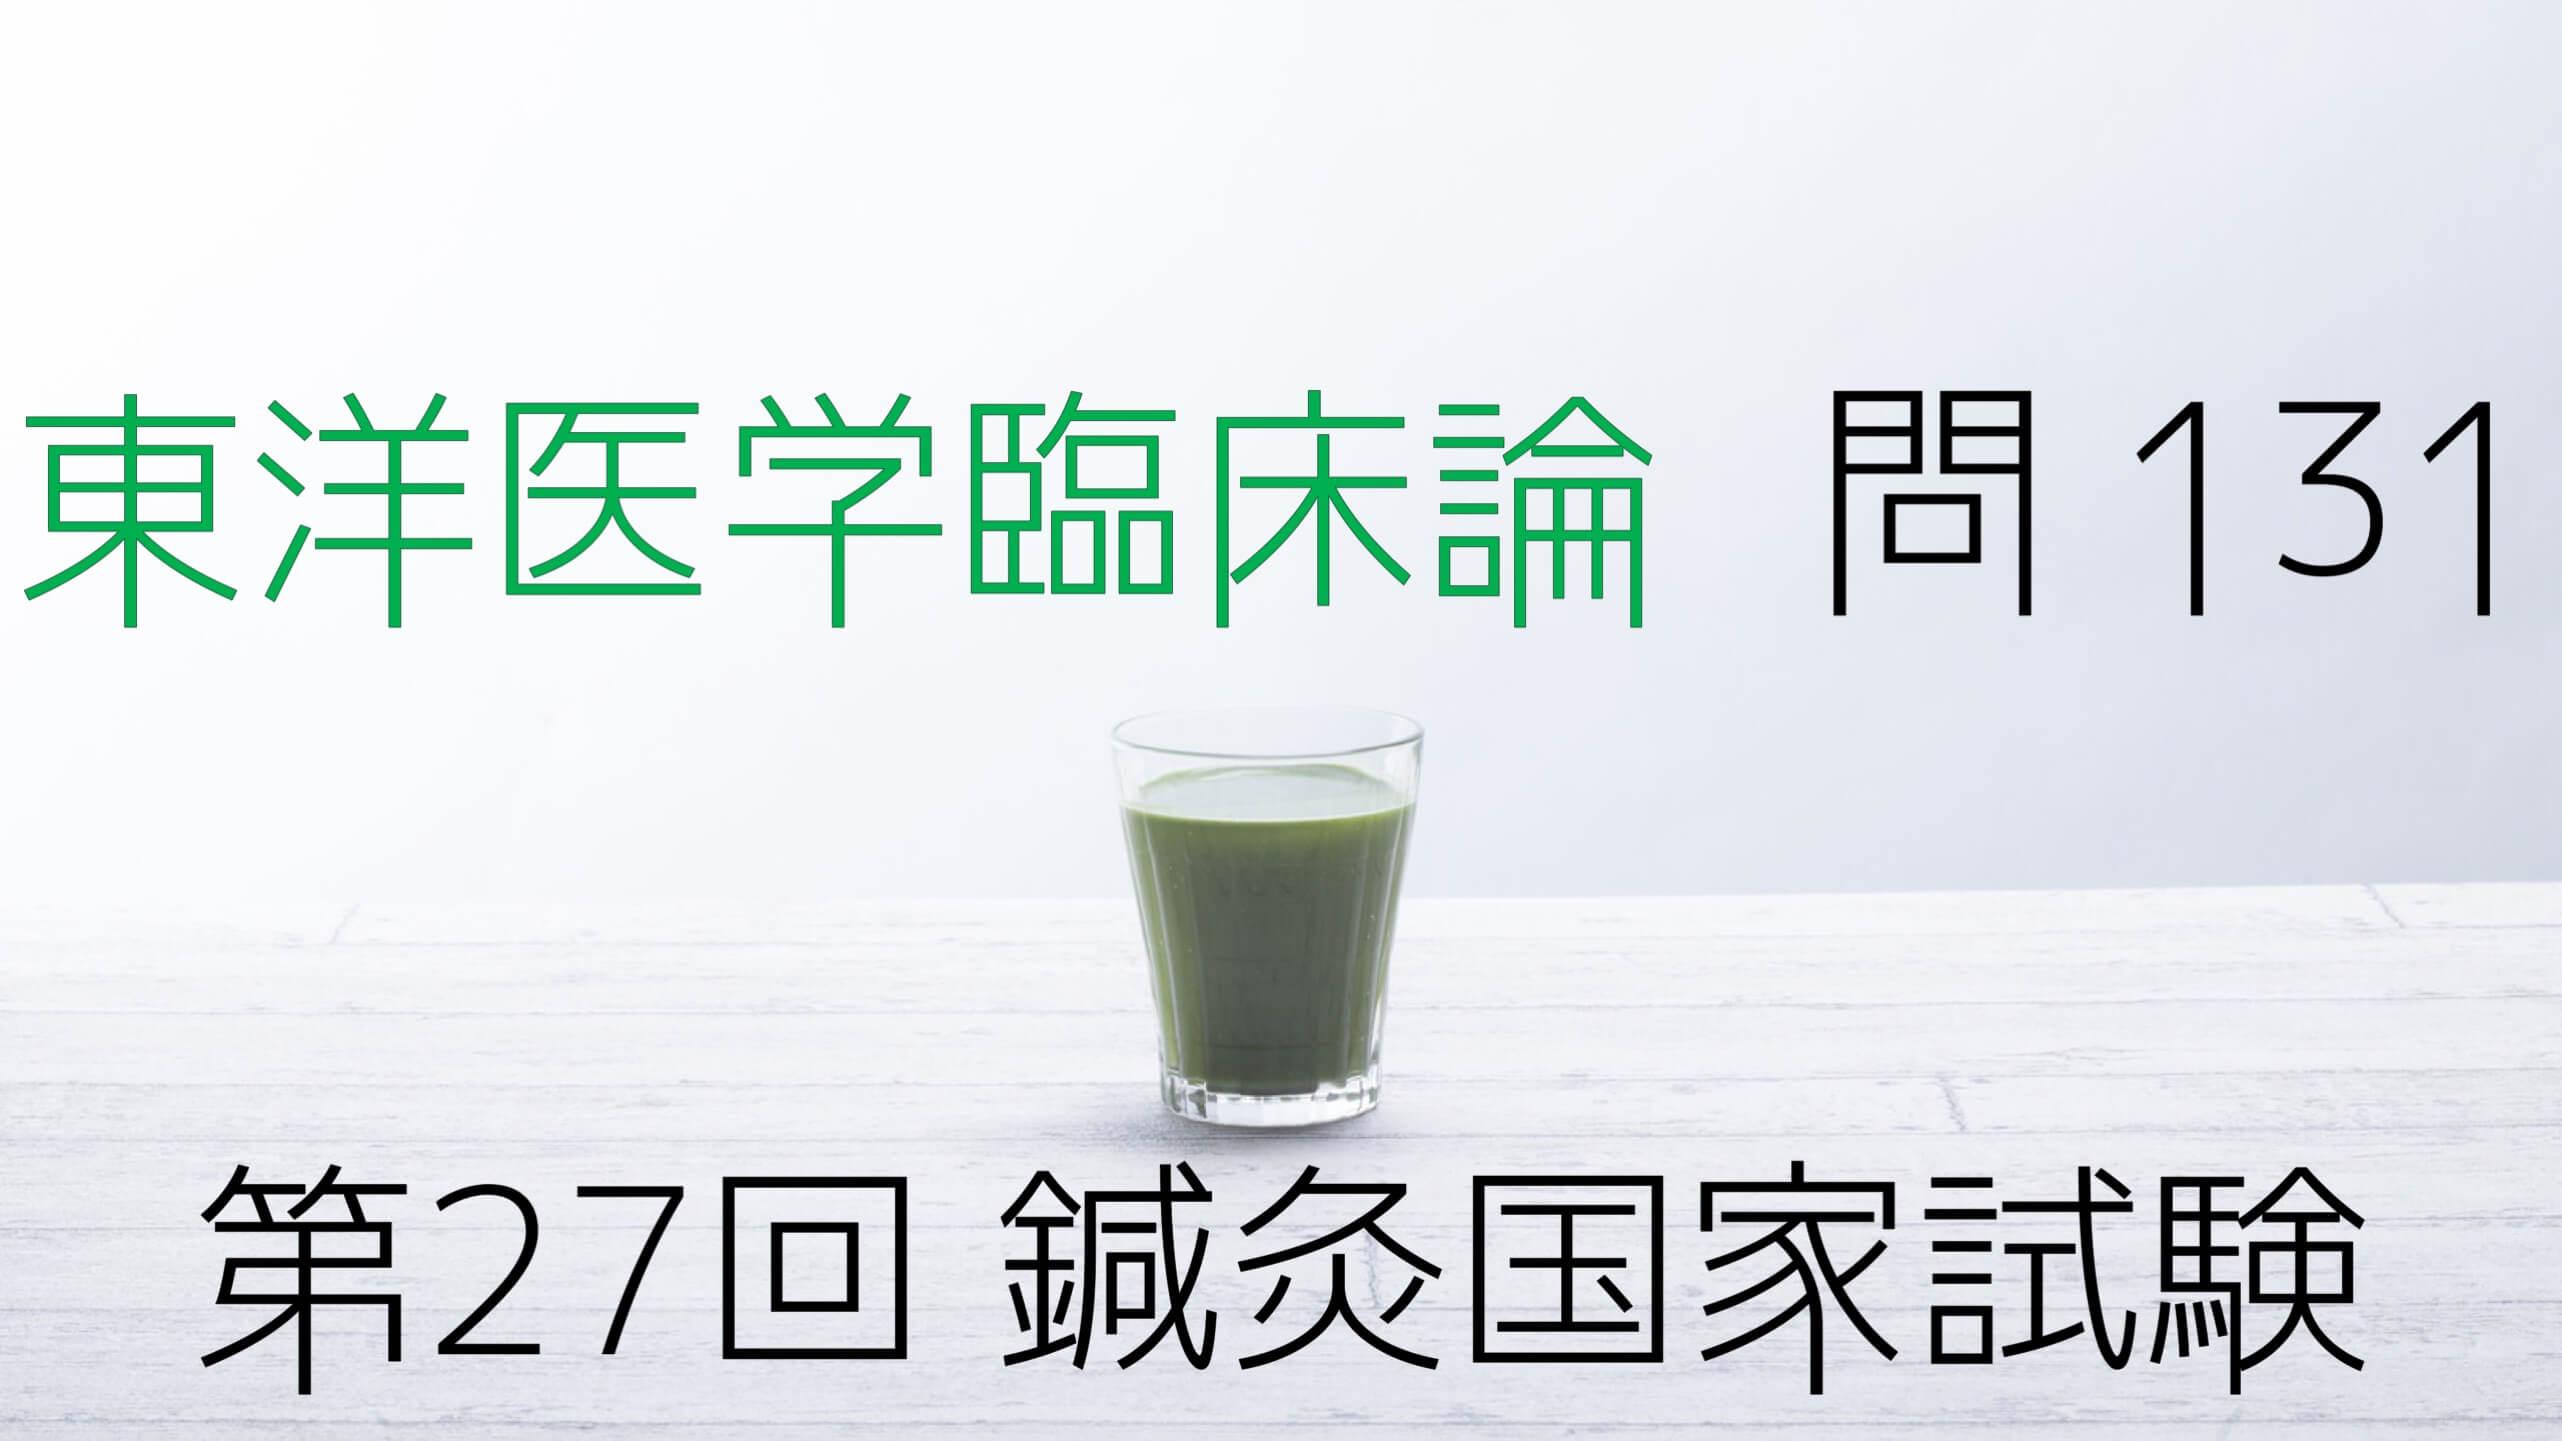 【東臨】27回鍼灸国試解説【問131】